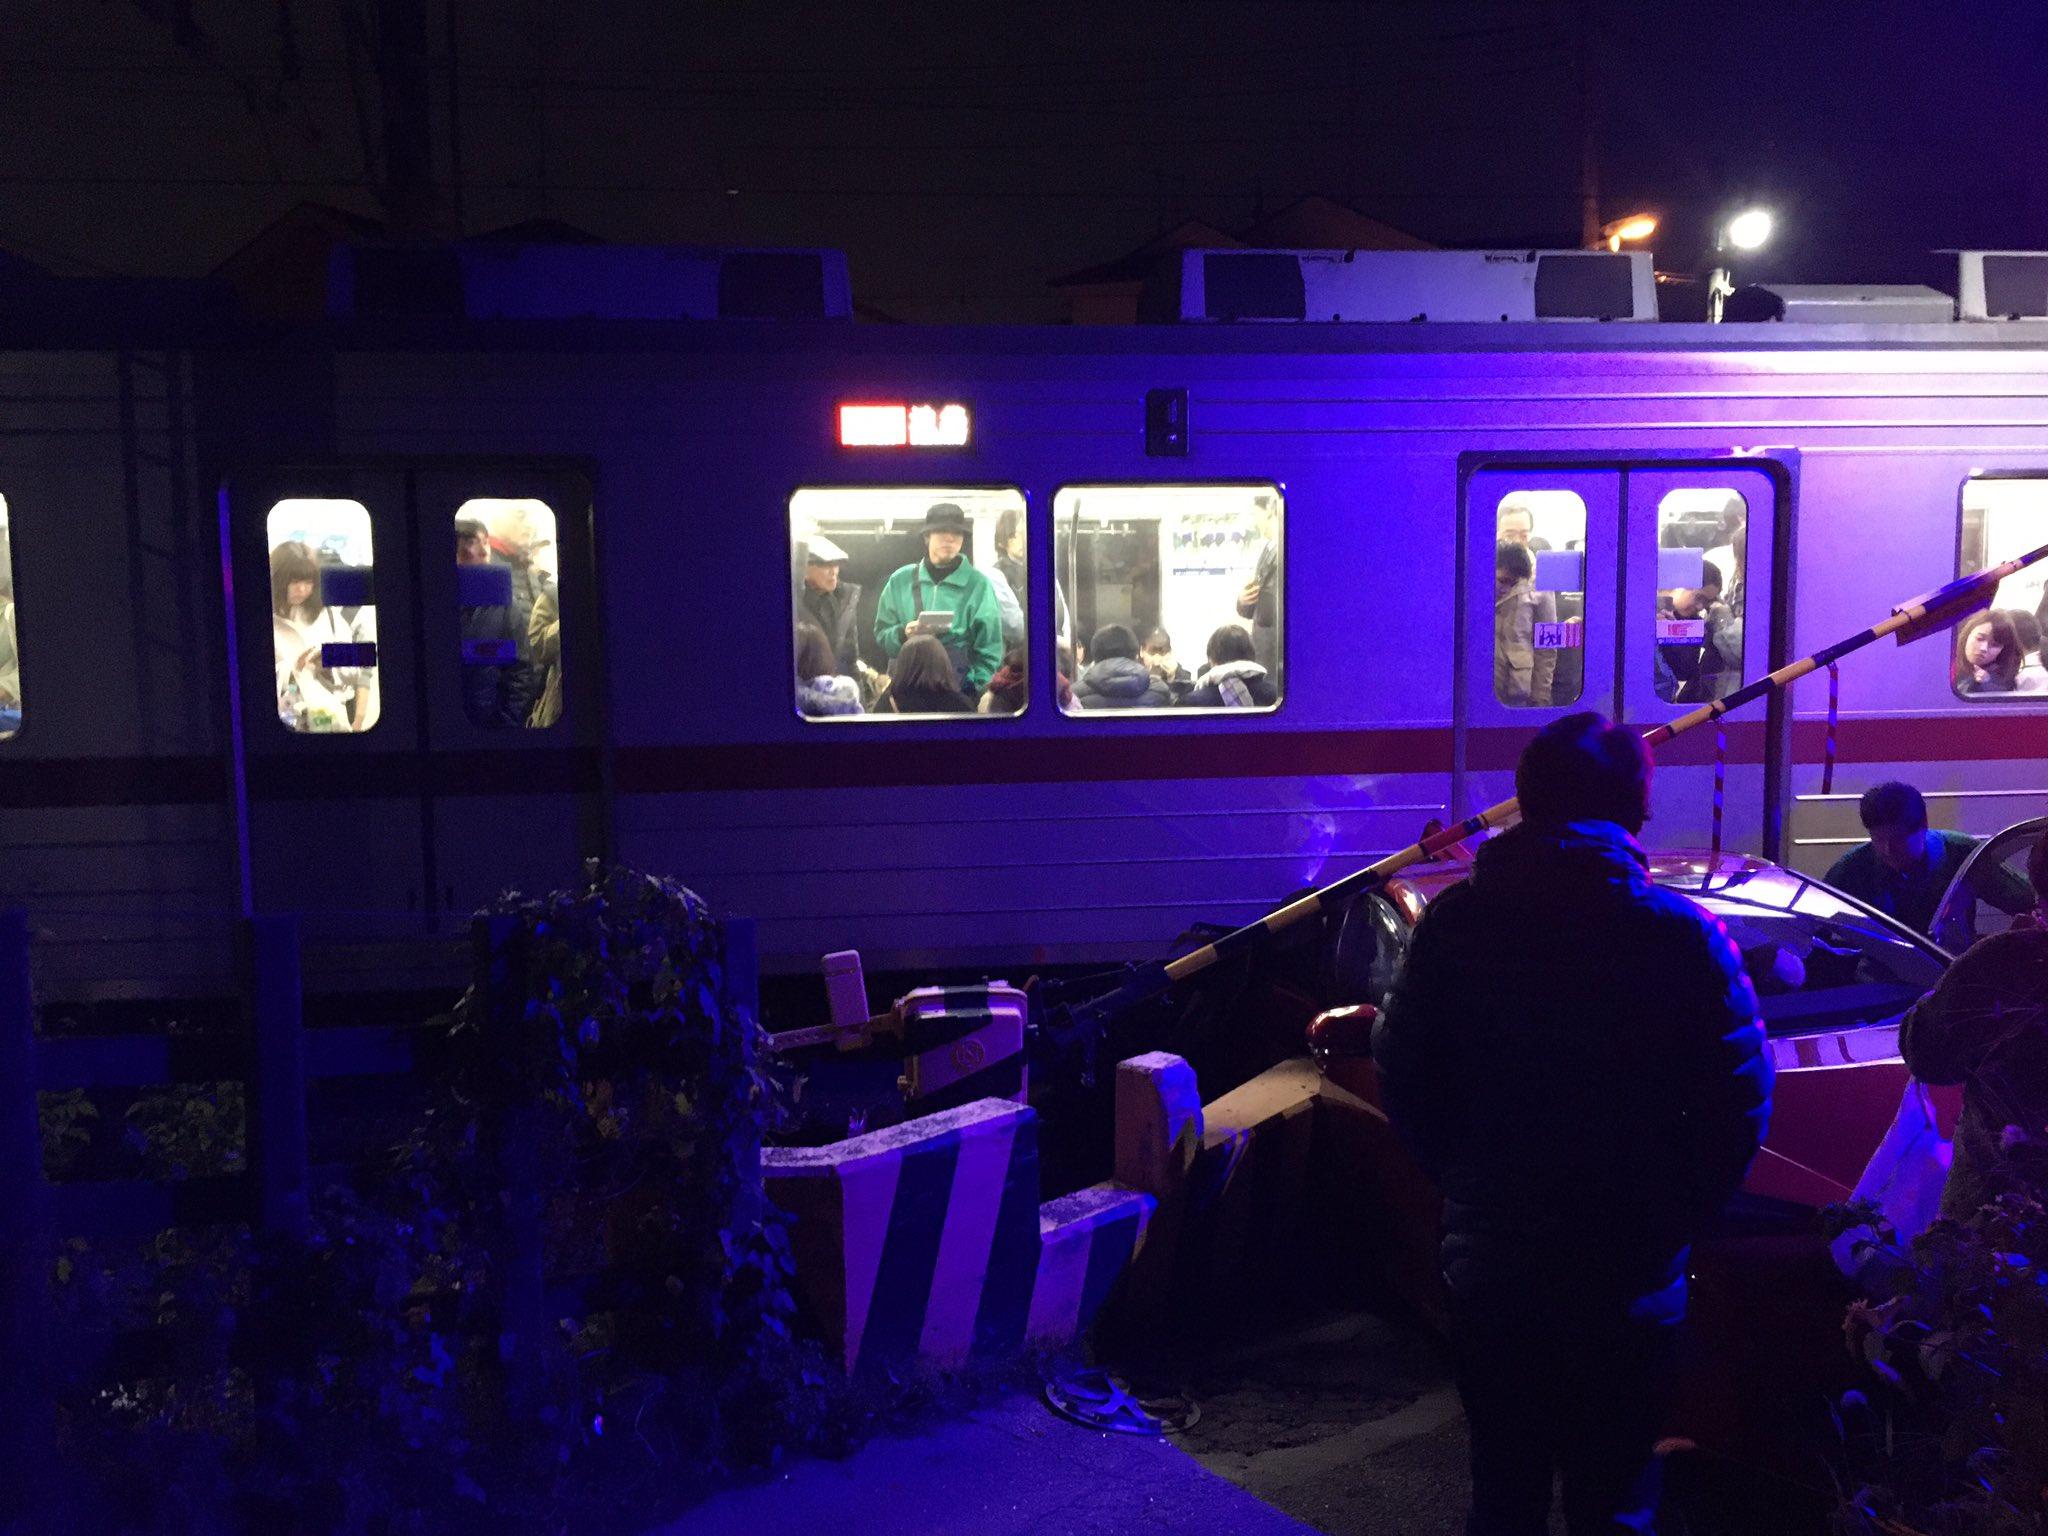 東武東上線のみずほ台駅付近の踏切事故現場の画像